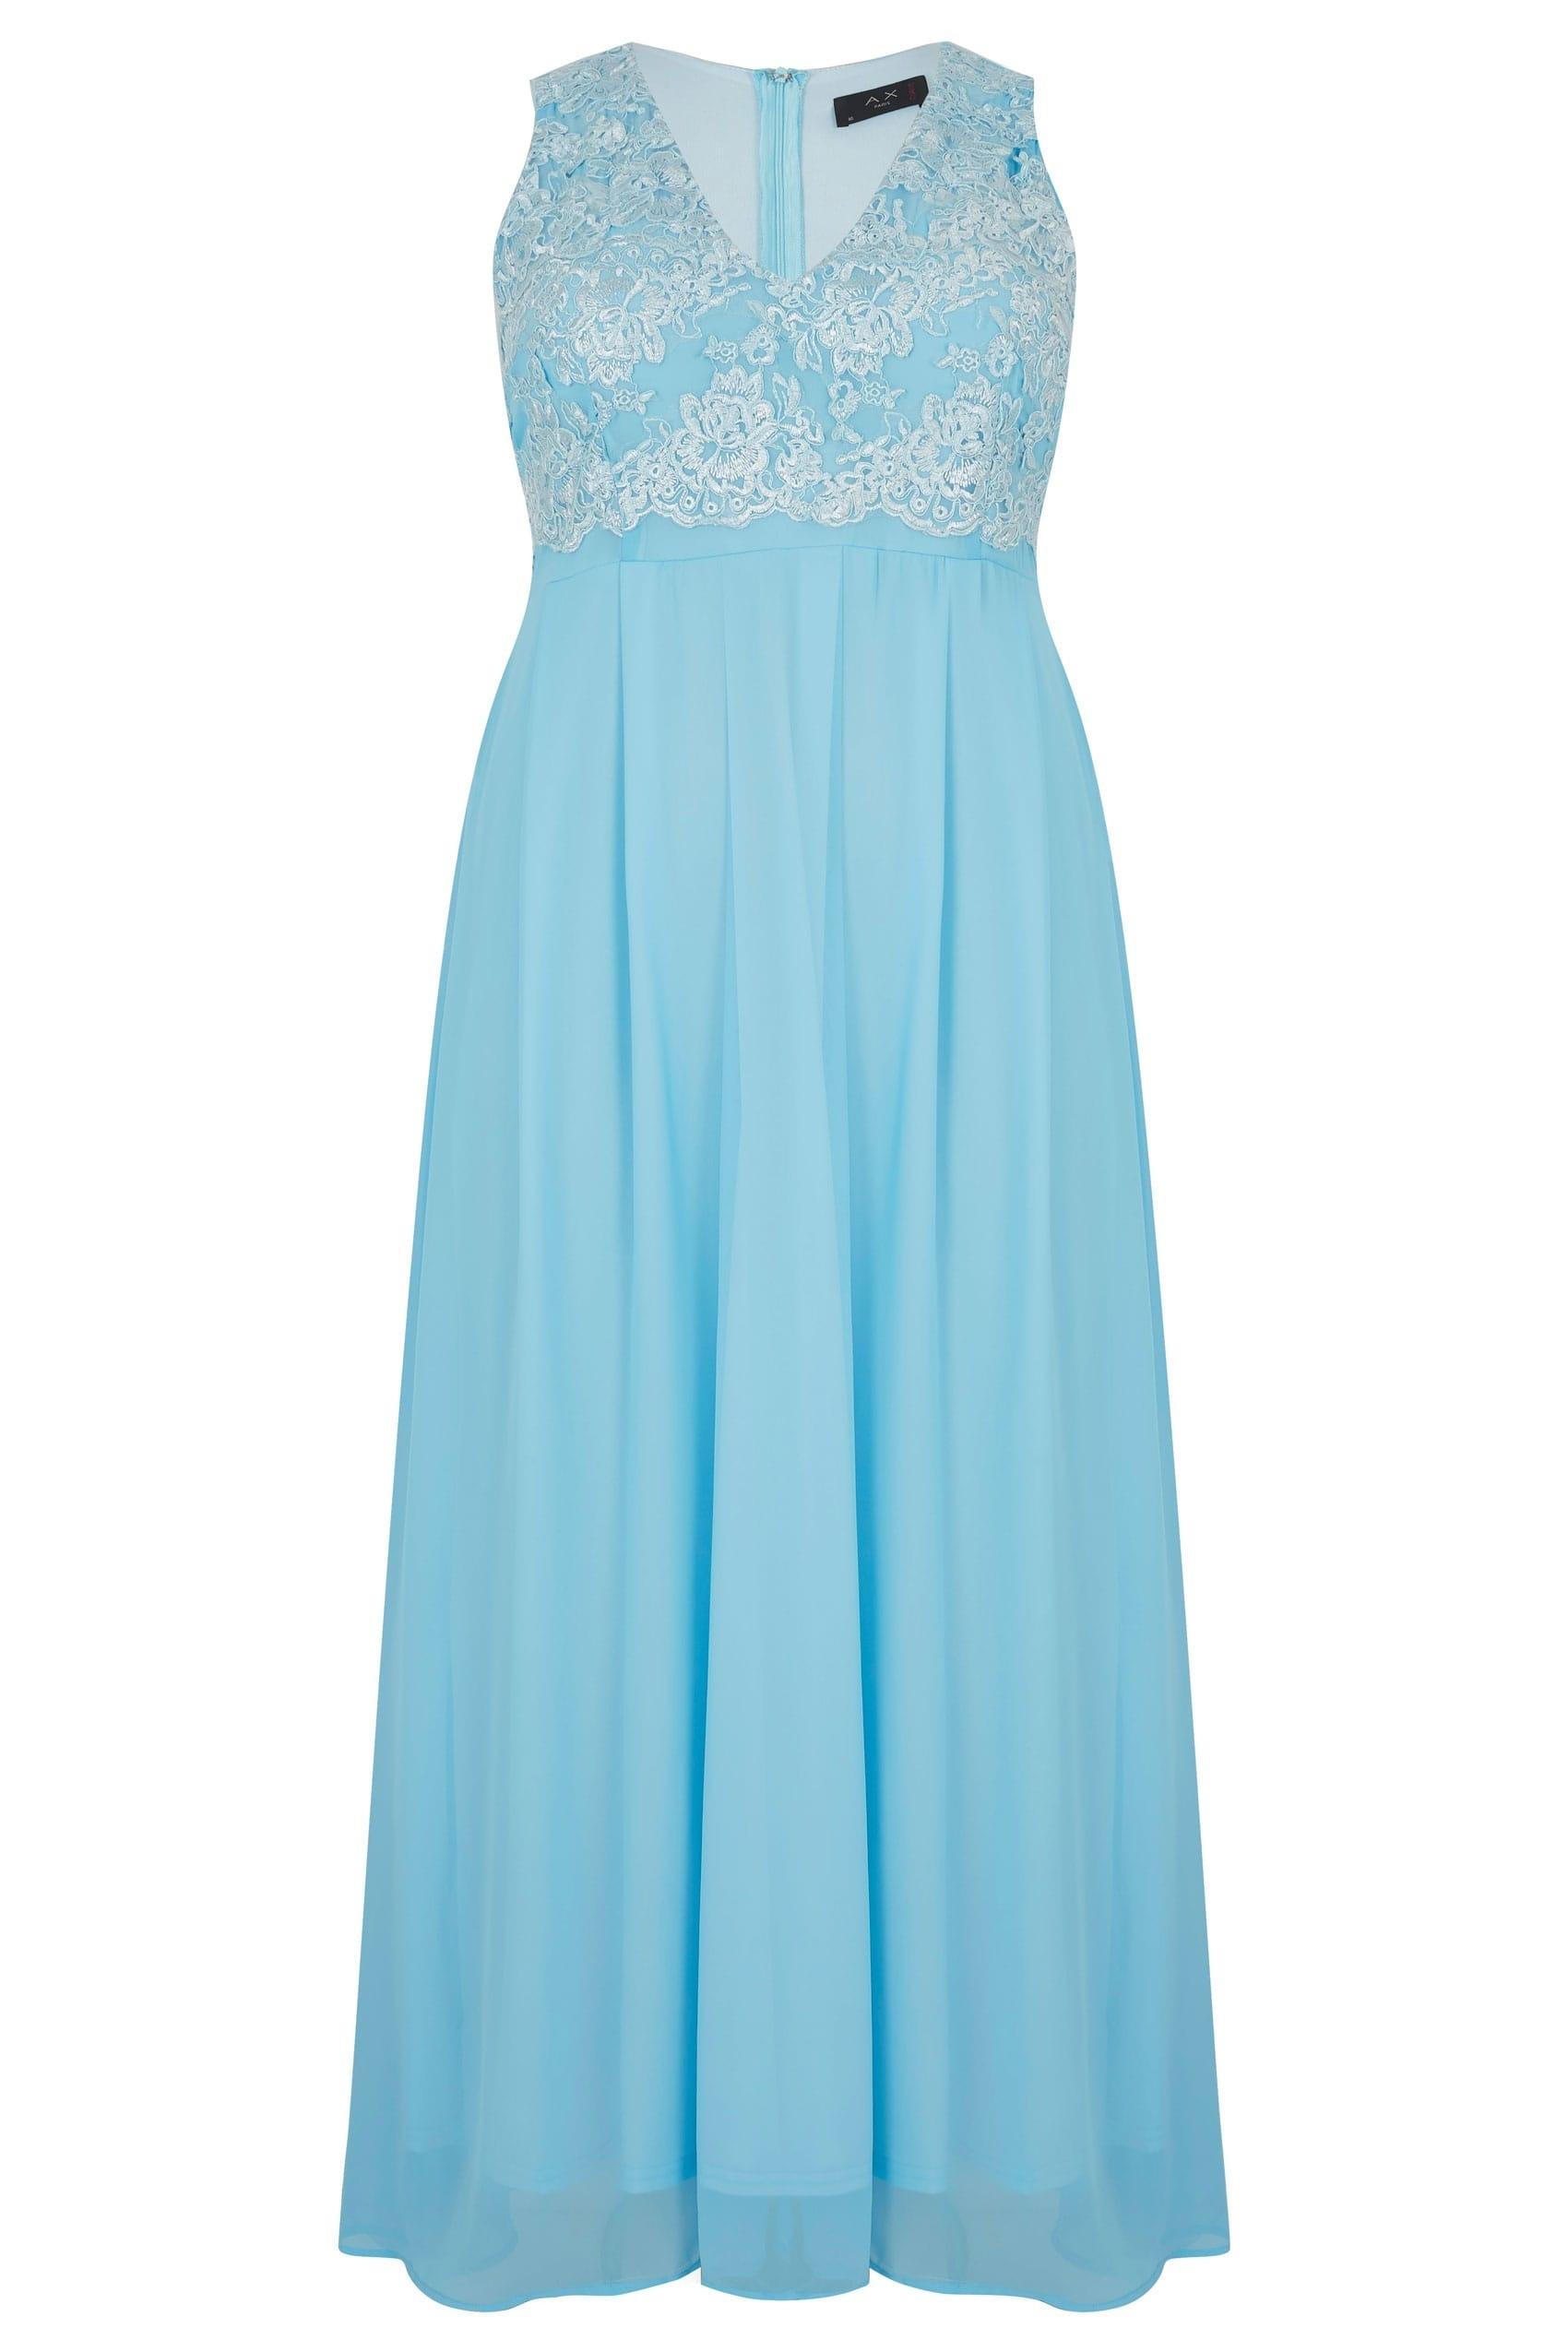 Designer Elegant Kleid Blau Glitzer GalerieFormal Wunderbar Kleid Blau Glitzer Design